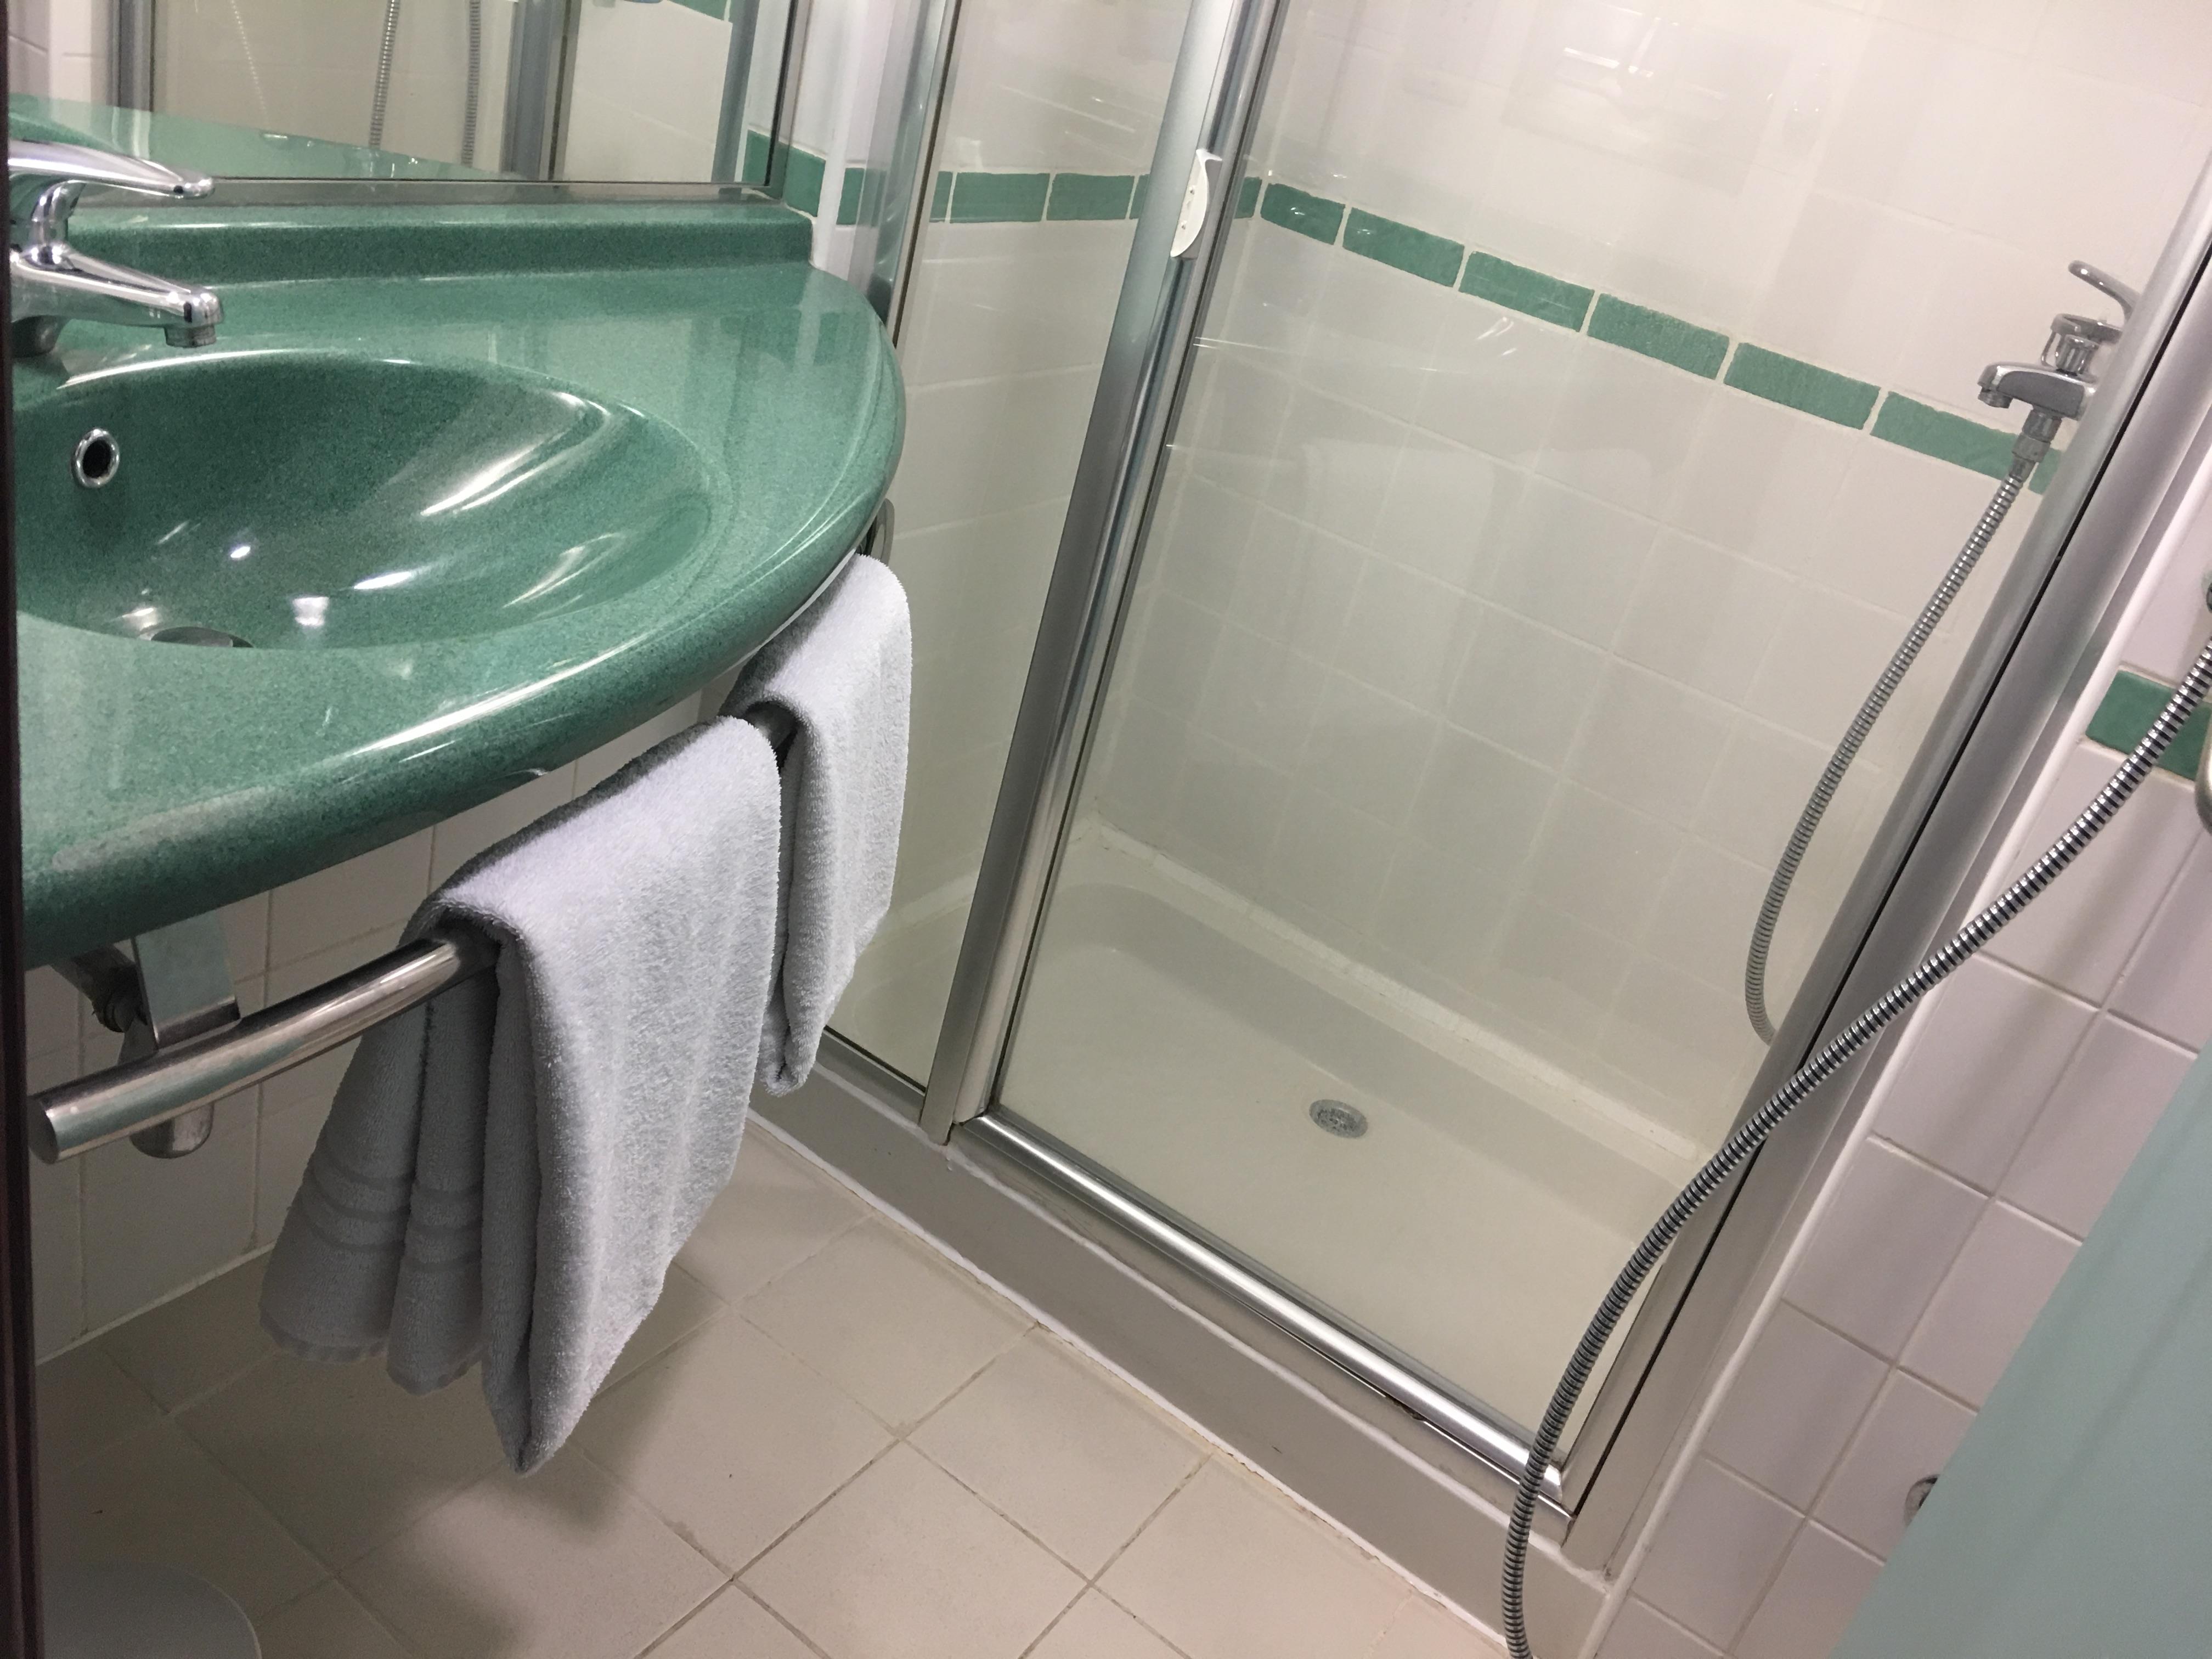 Das Bad ist recht eng, in der Ecke rechts befindet sich die Toilette. Handtücher werden pro Tag gewechselt.